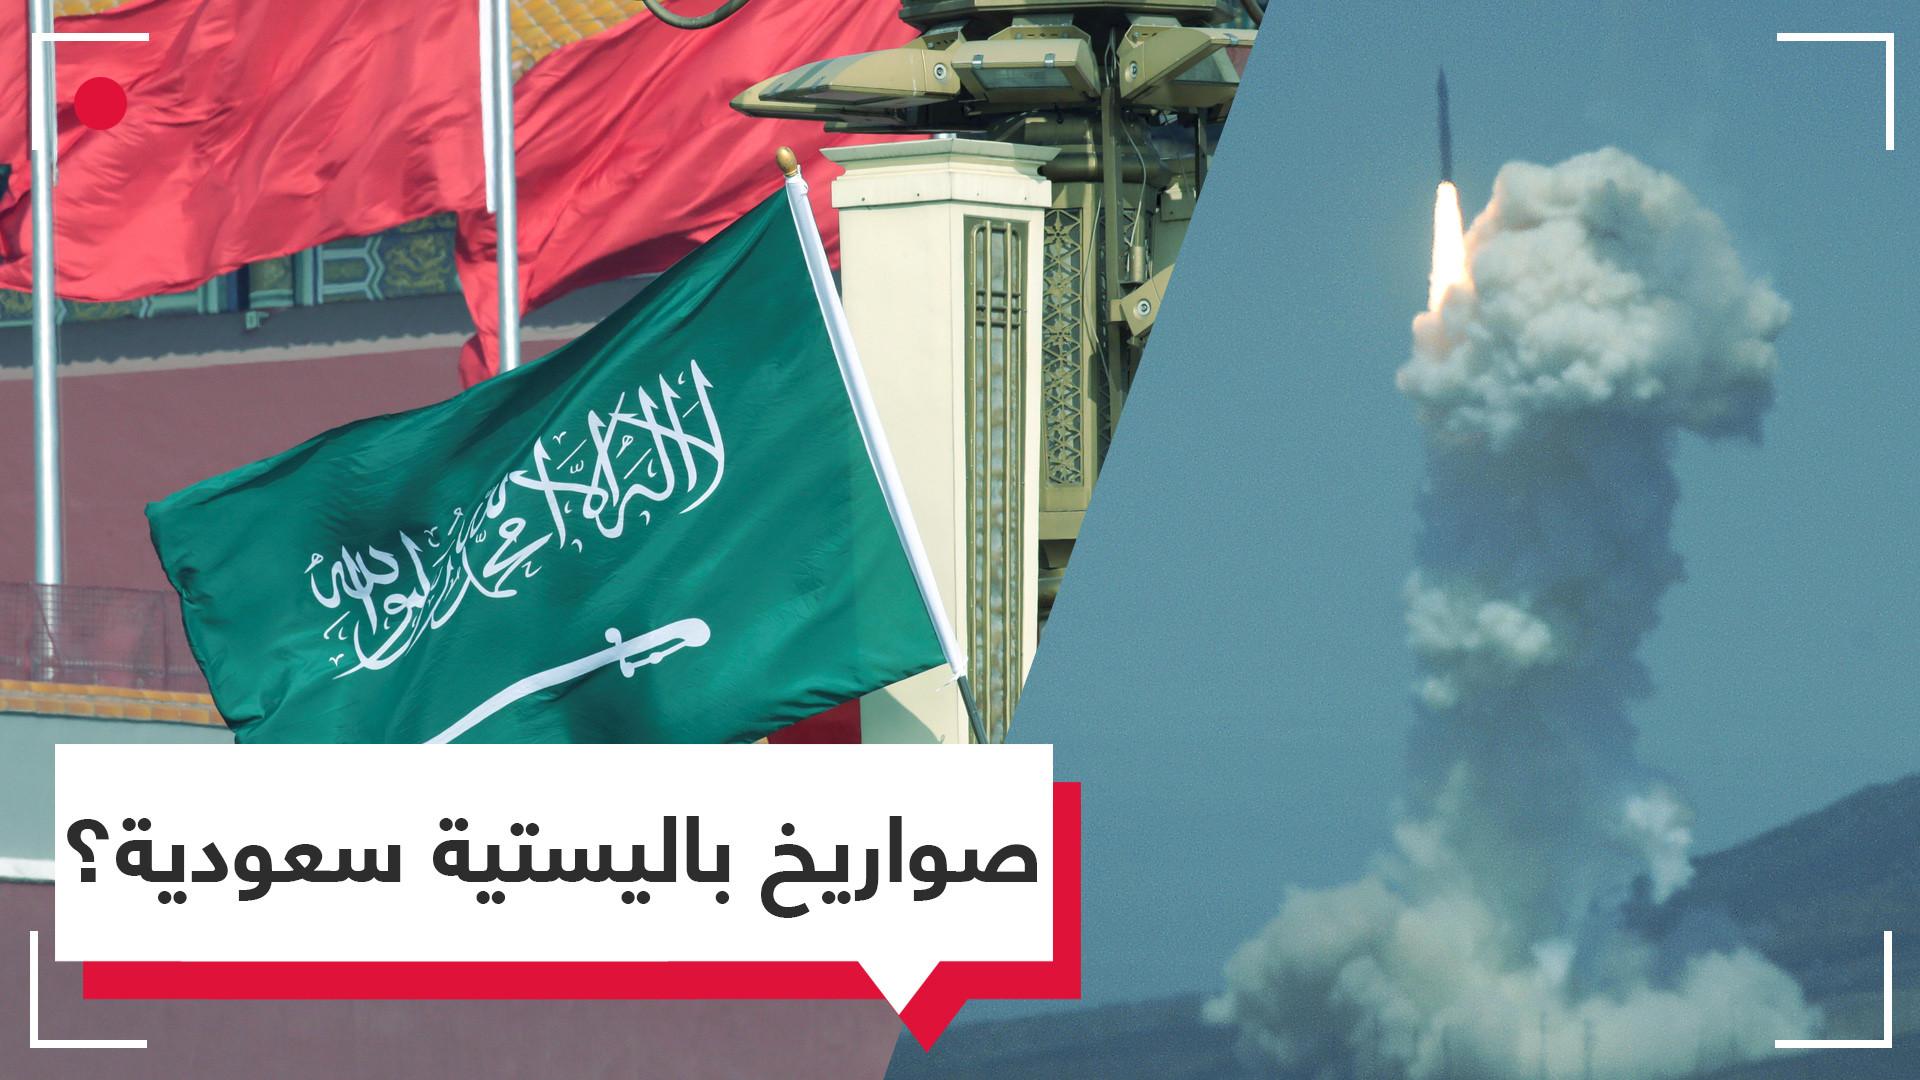 تقرير استخباري خاص.. هل تملك السعودية أسلحة نووية؟